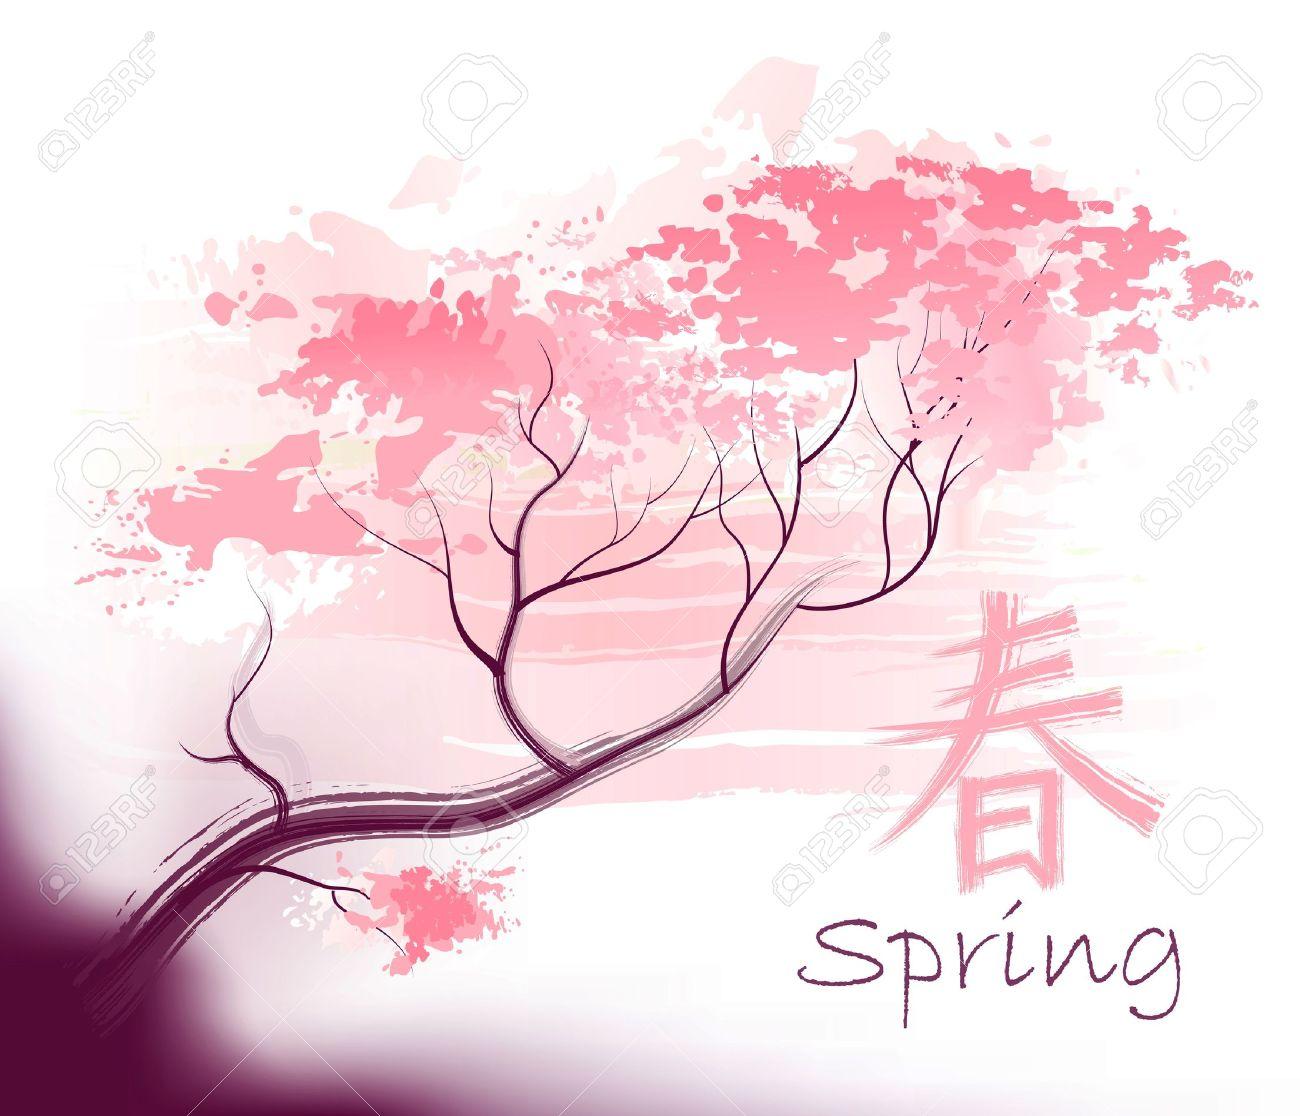 Hermosa Sacura Primavera Rama De Un árbol De Cerezo En Flor Con El